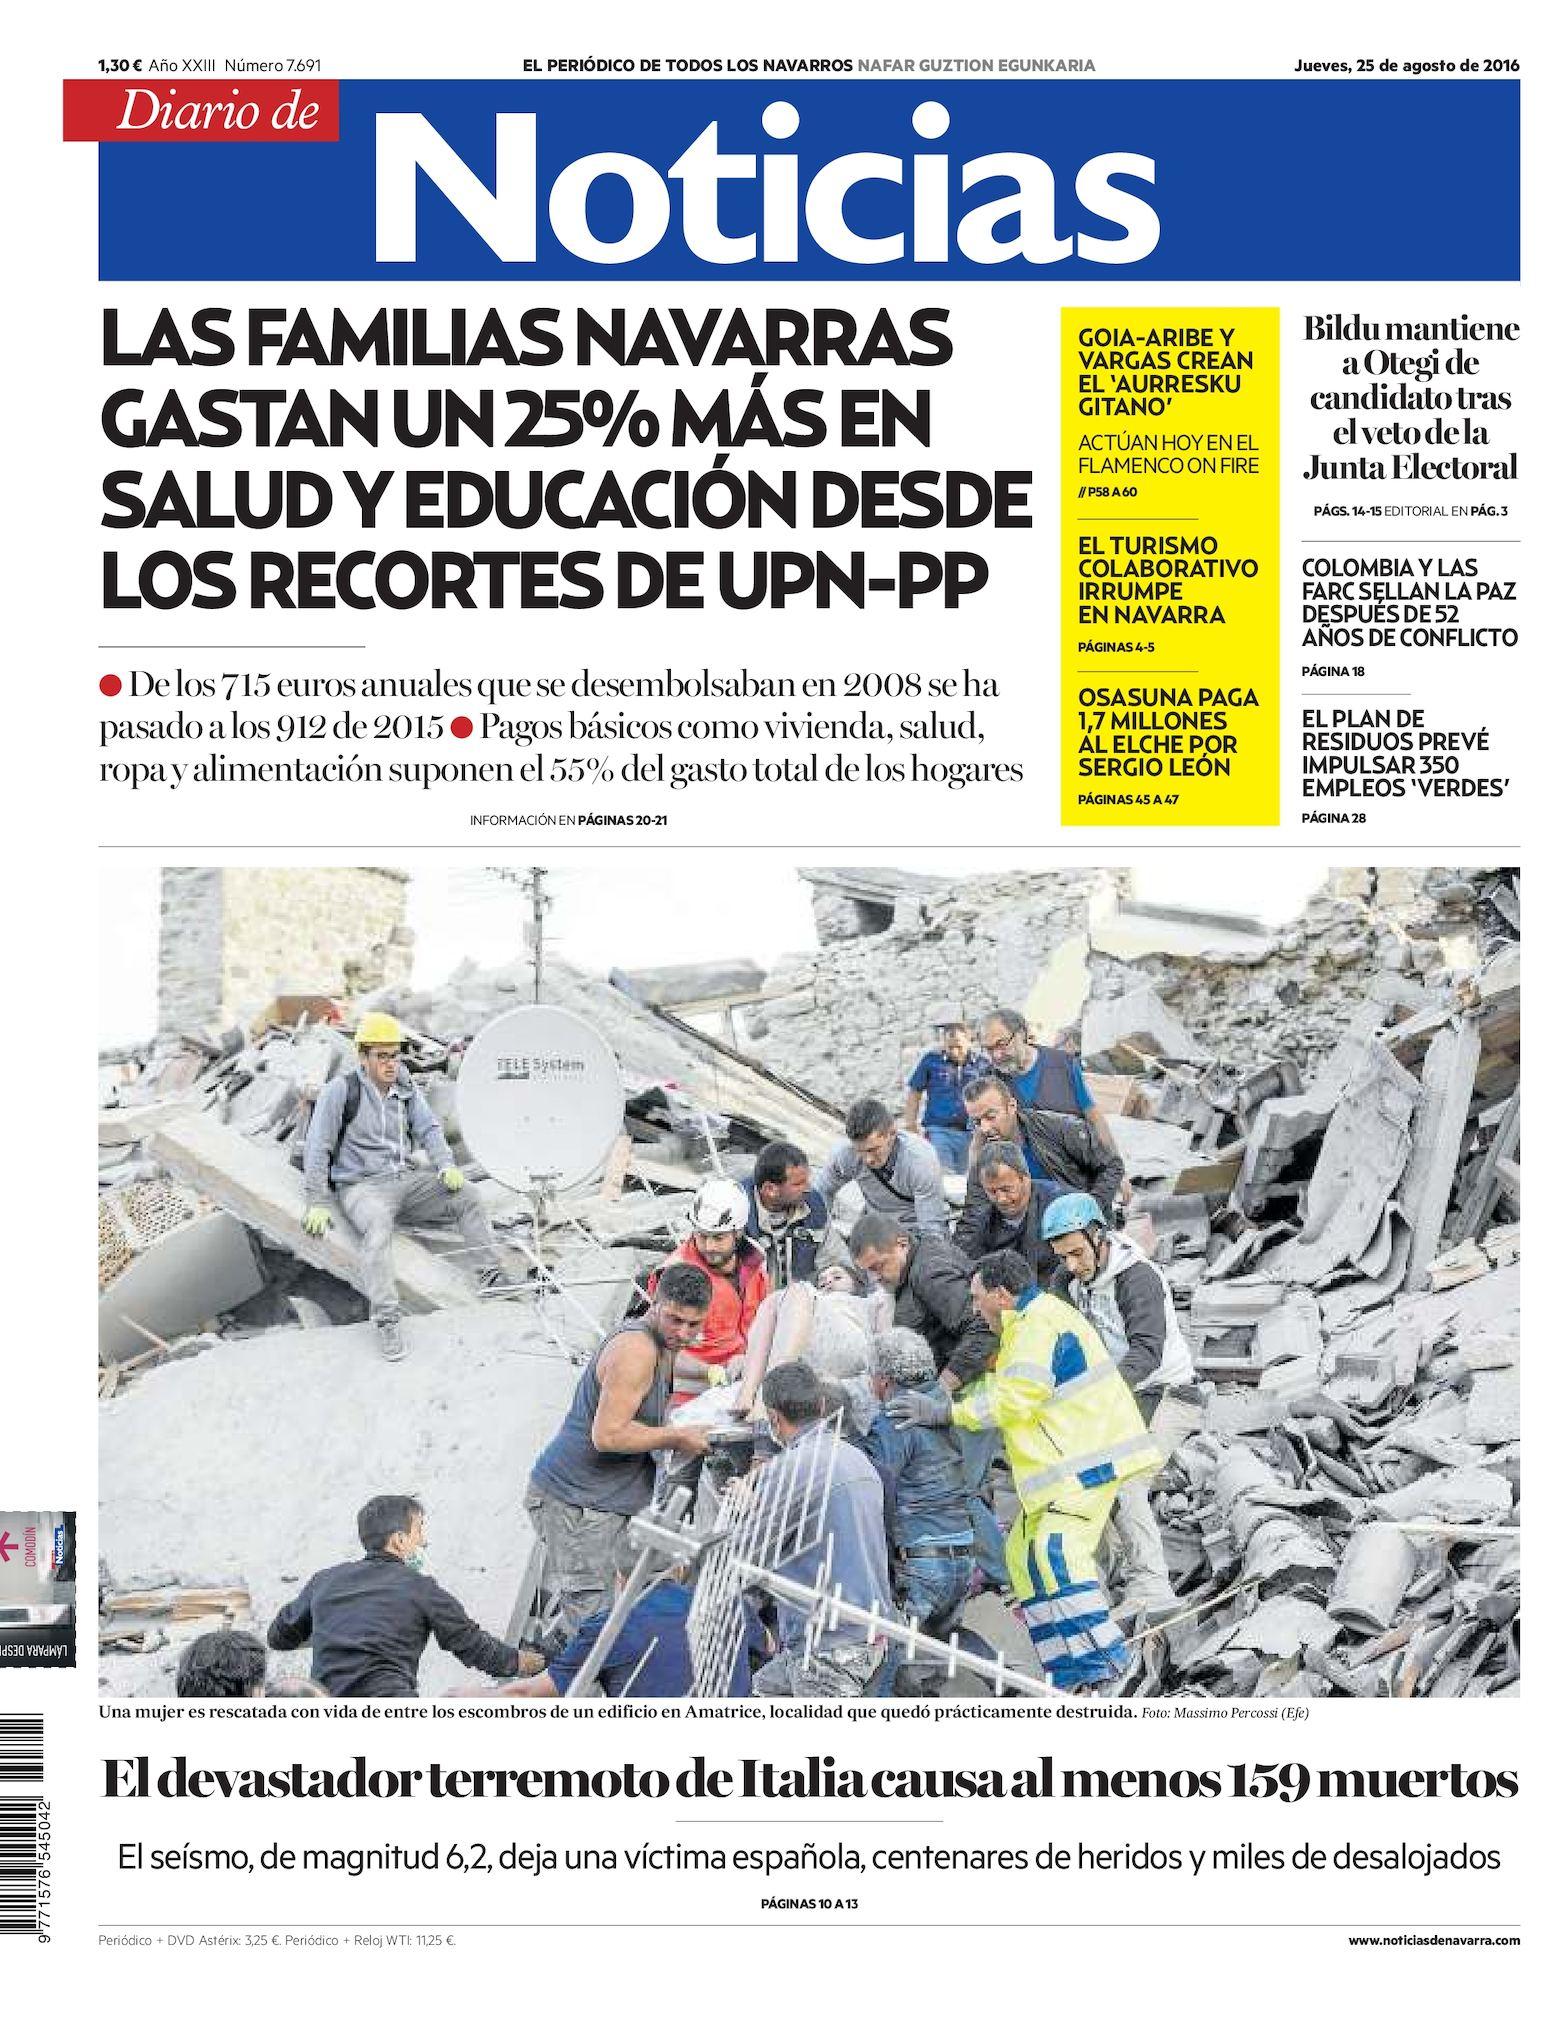 a8673b4cb Calaméo - Diario de Noticias 20160825